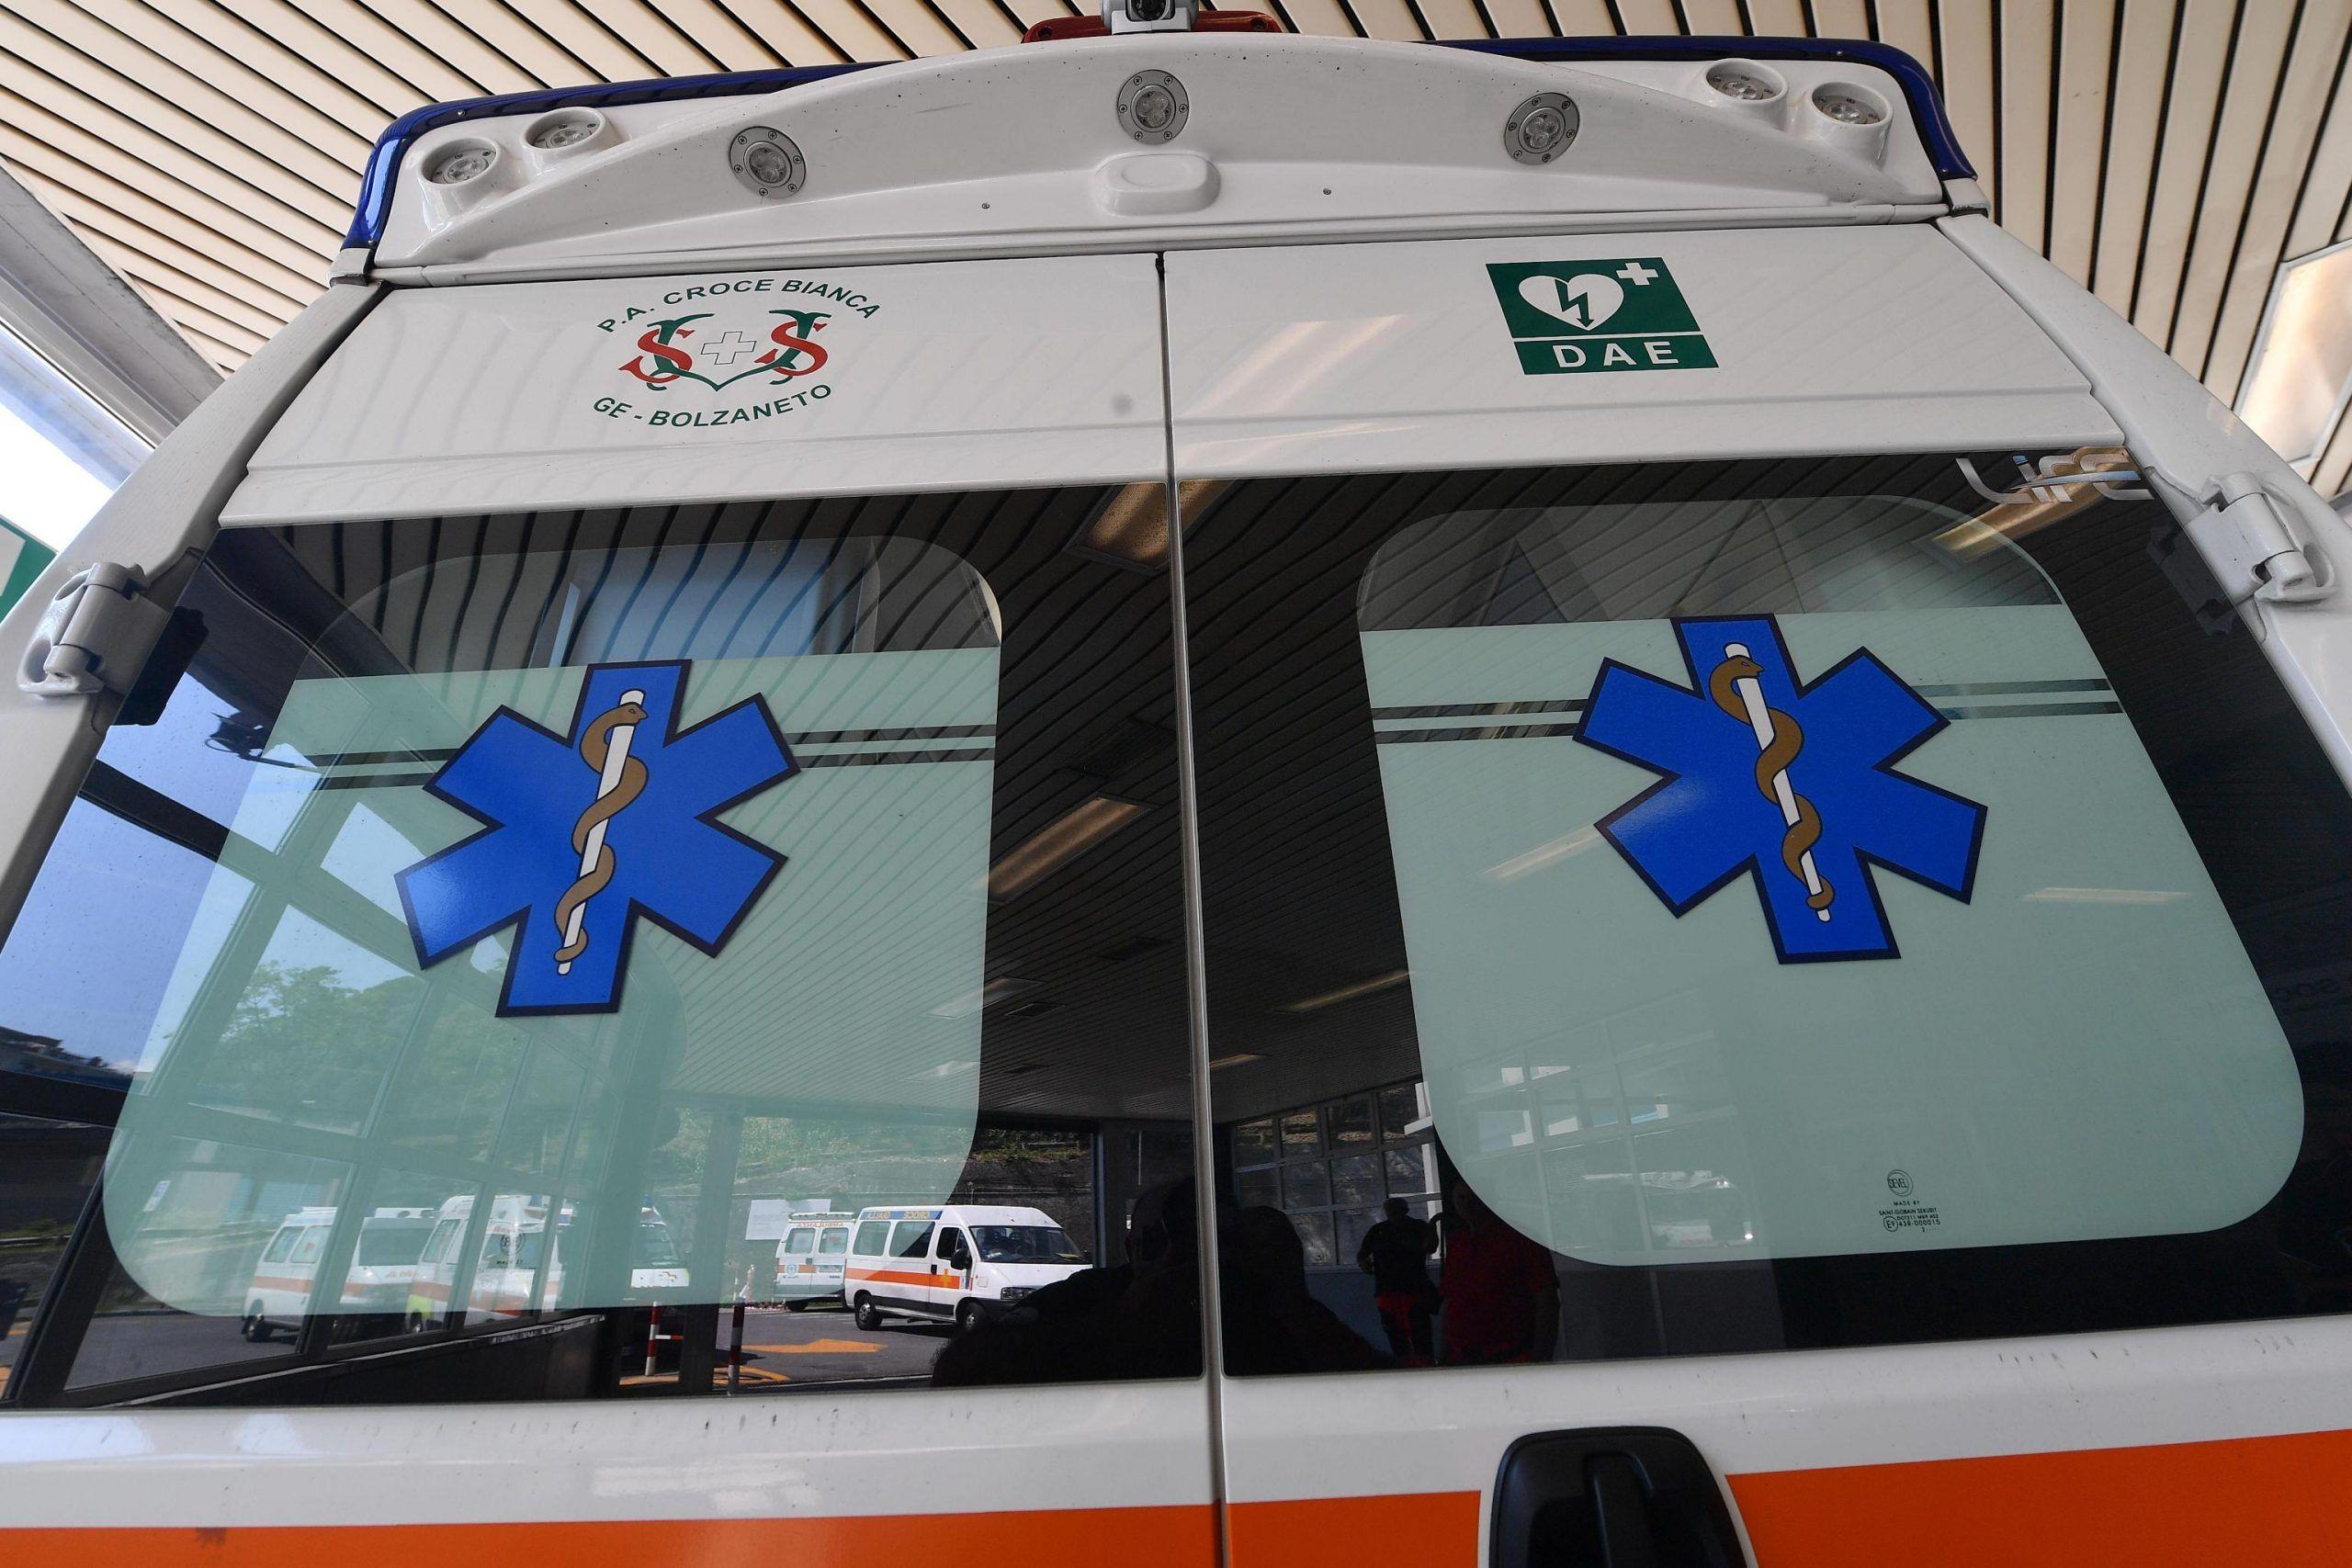 Muore schiacciato da un bus a Gazzaniga Luigi aveva 14 anni